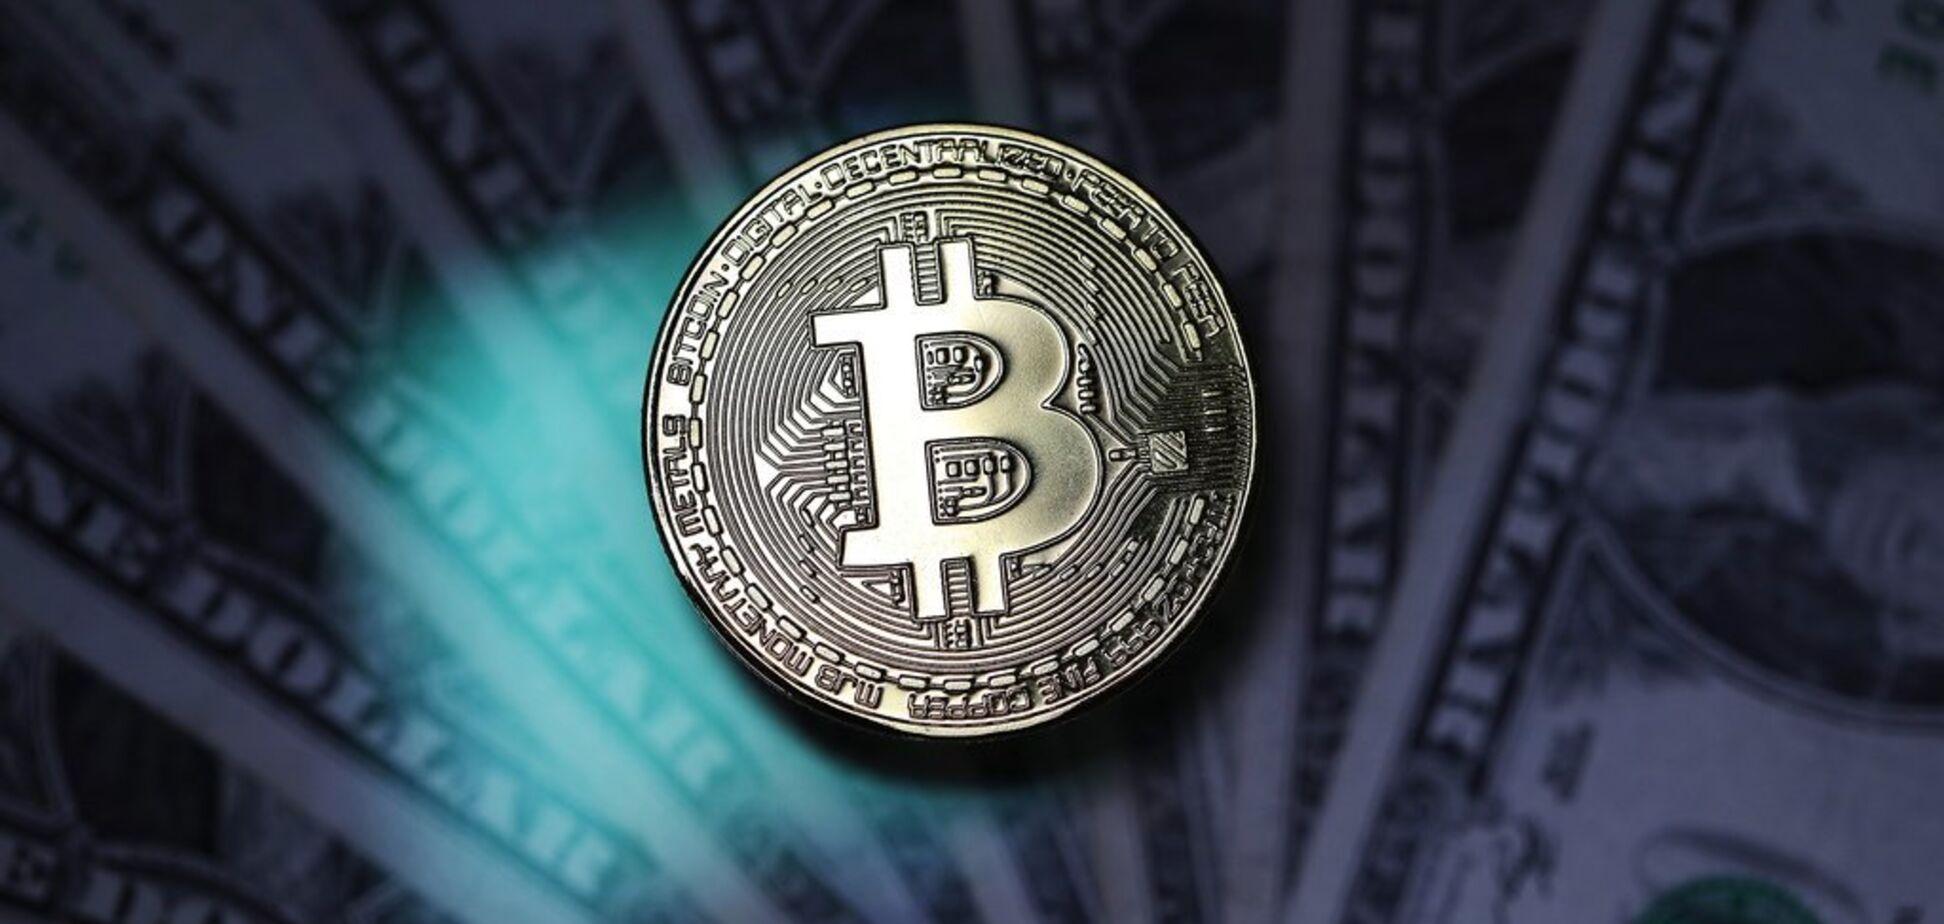 Цена биткоина взлетит: инвестор спрогнозировал многократный рост